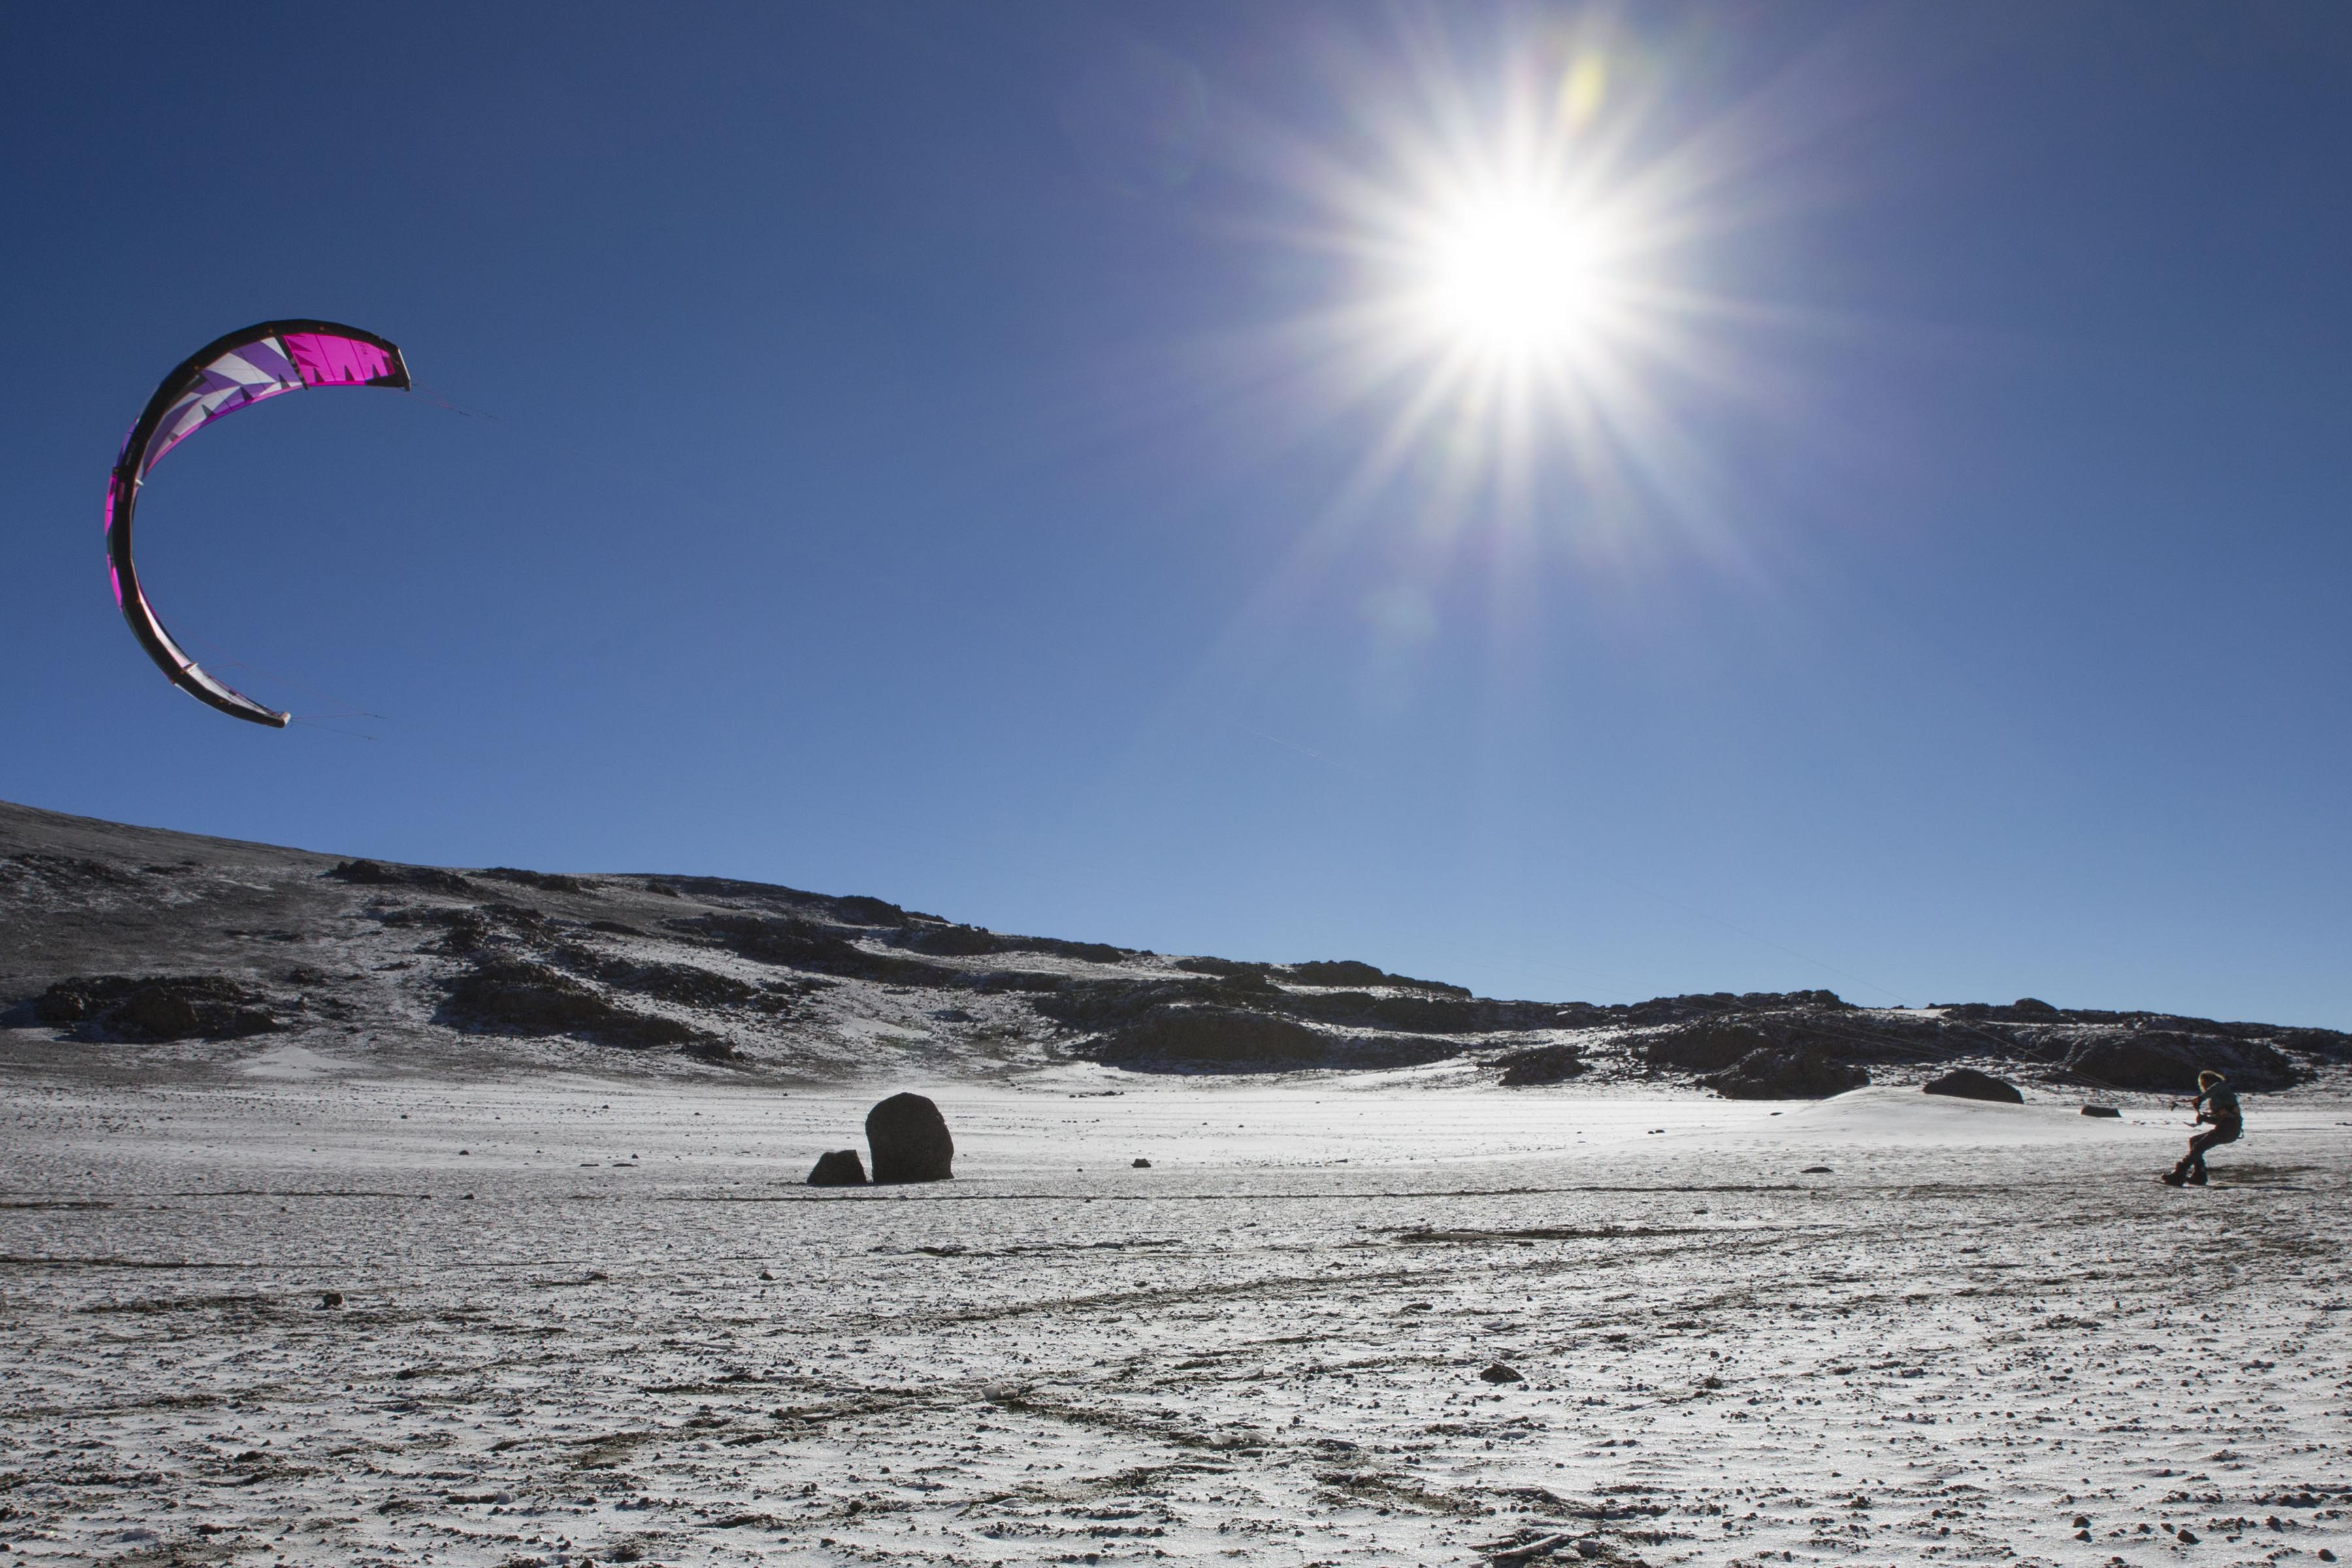 Jerrie van de Kop's 23-day kitesurfing expedition